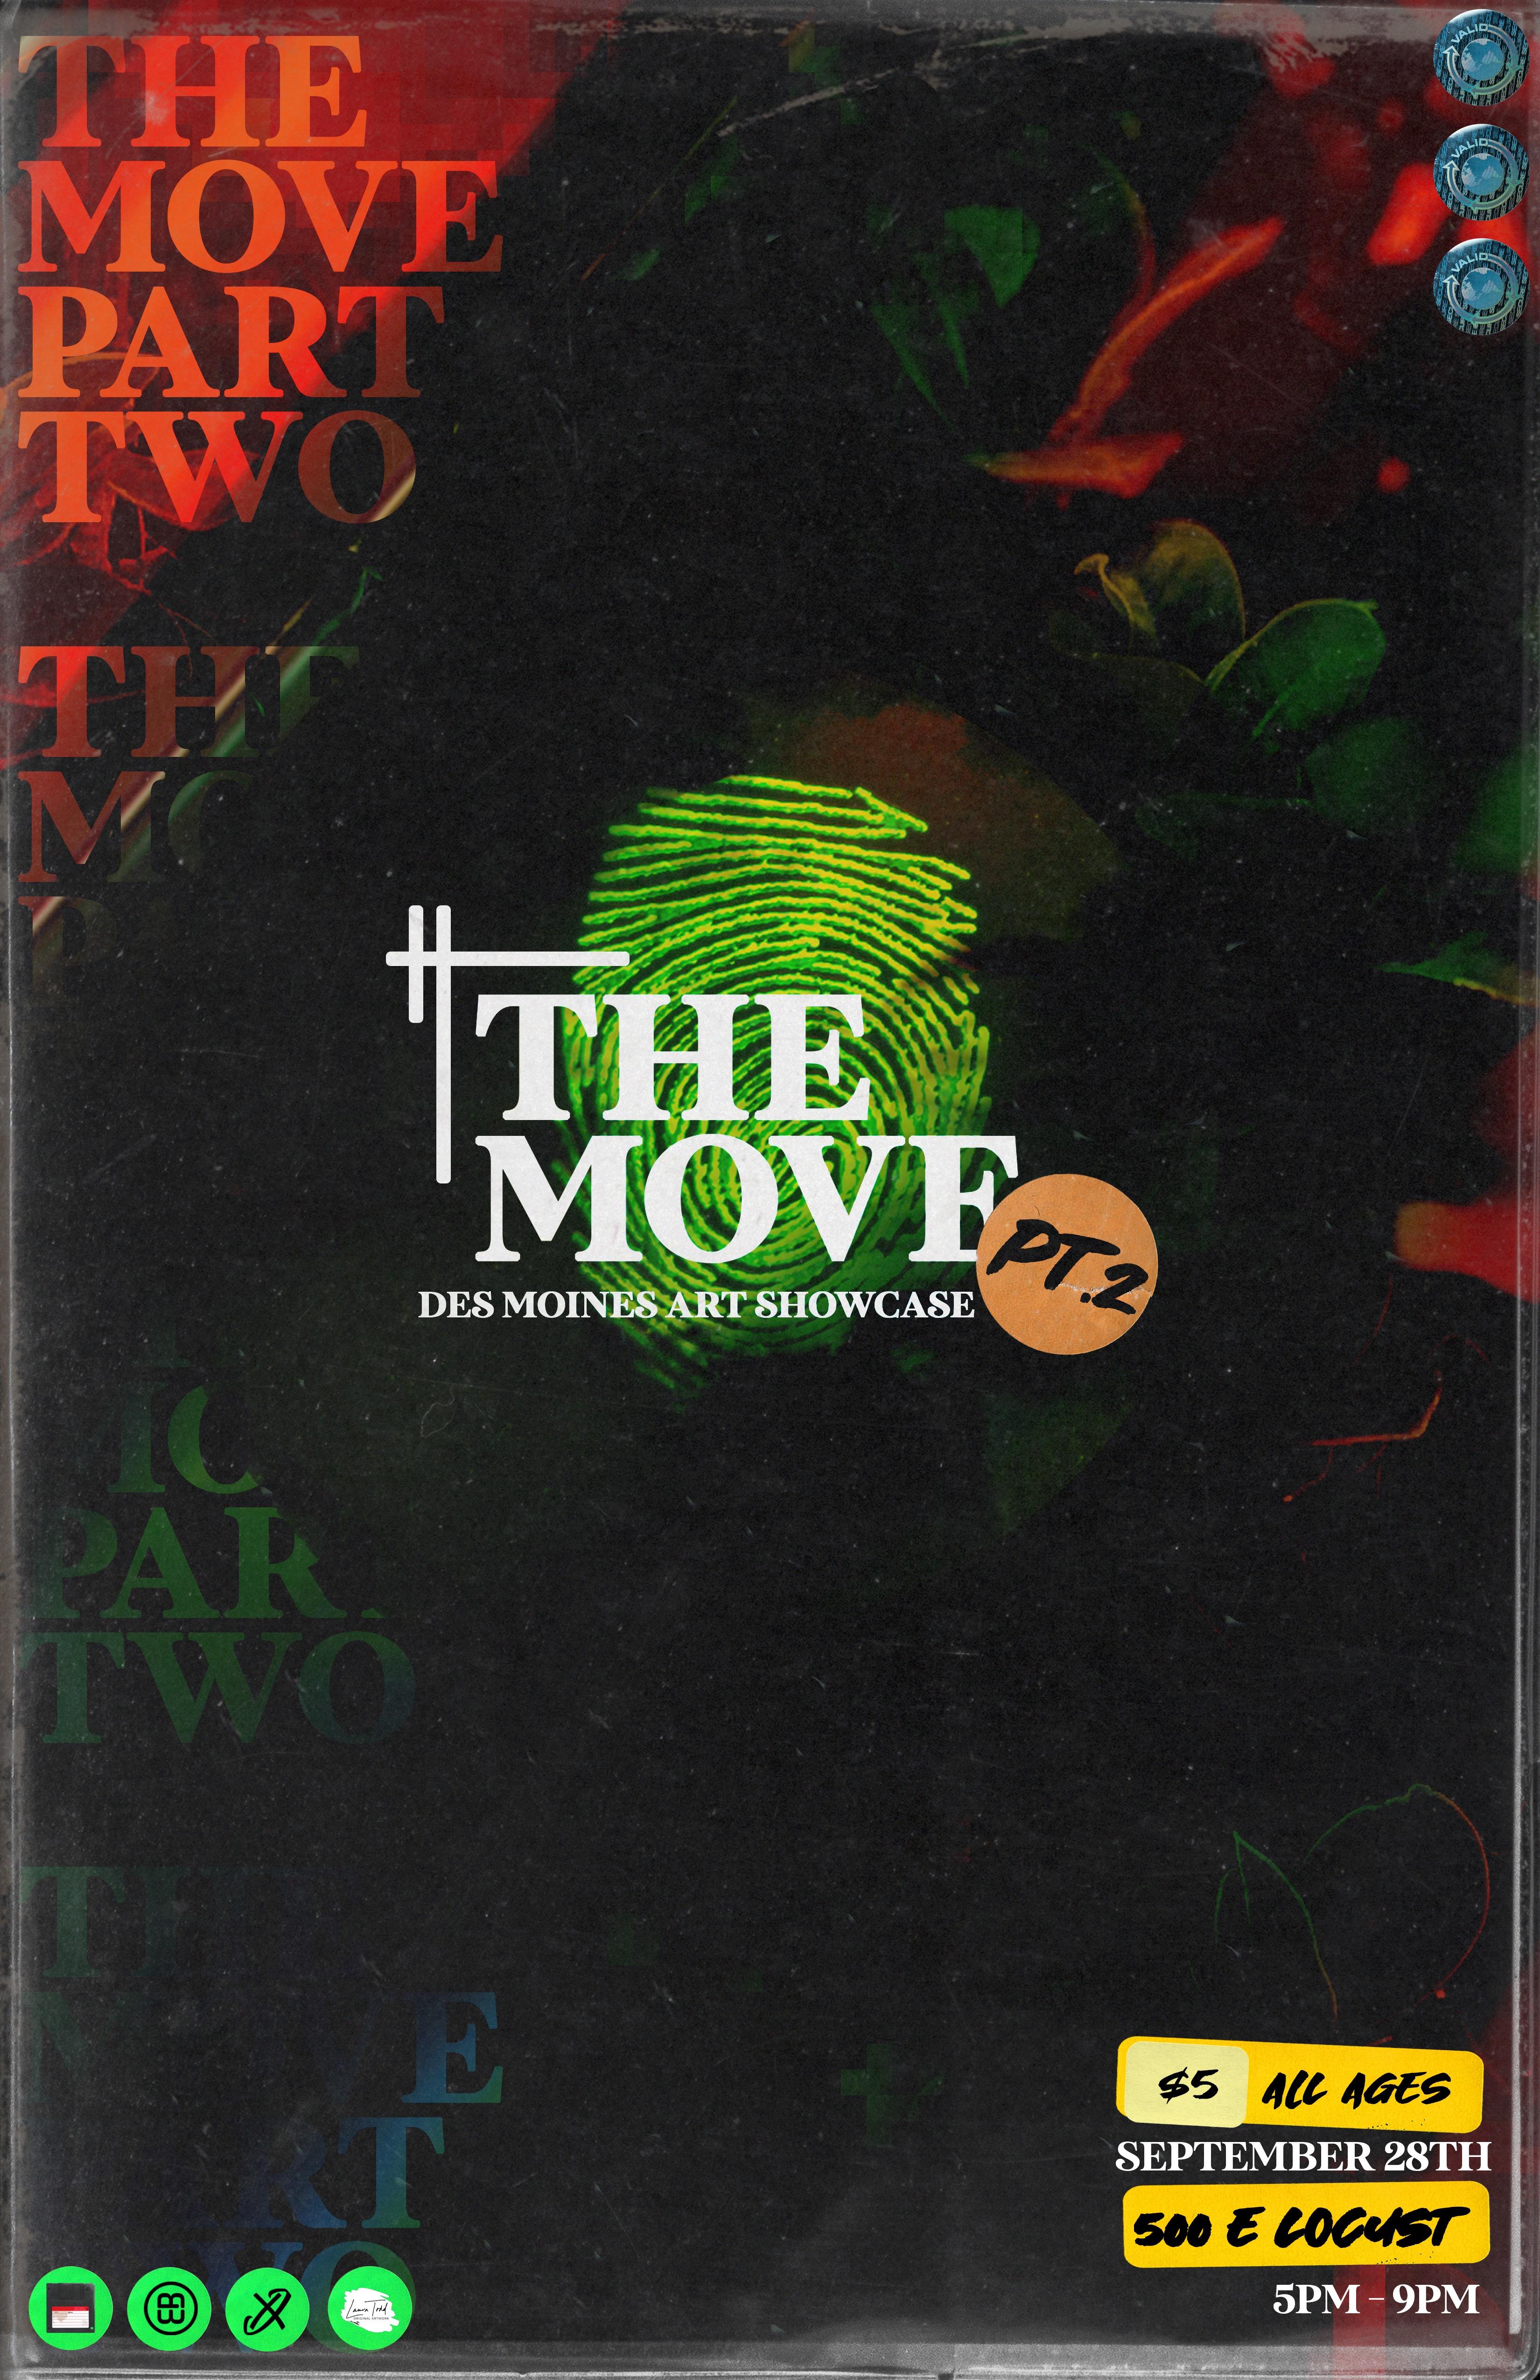 The Move Pt. 2